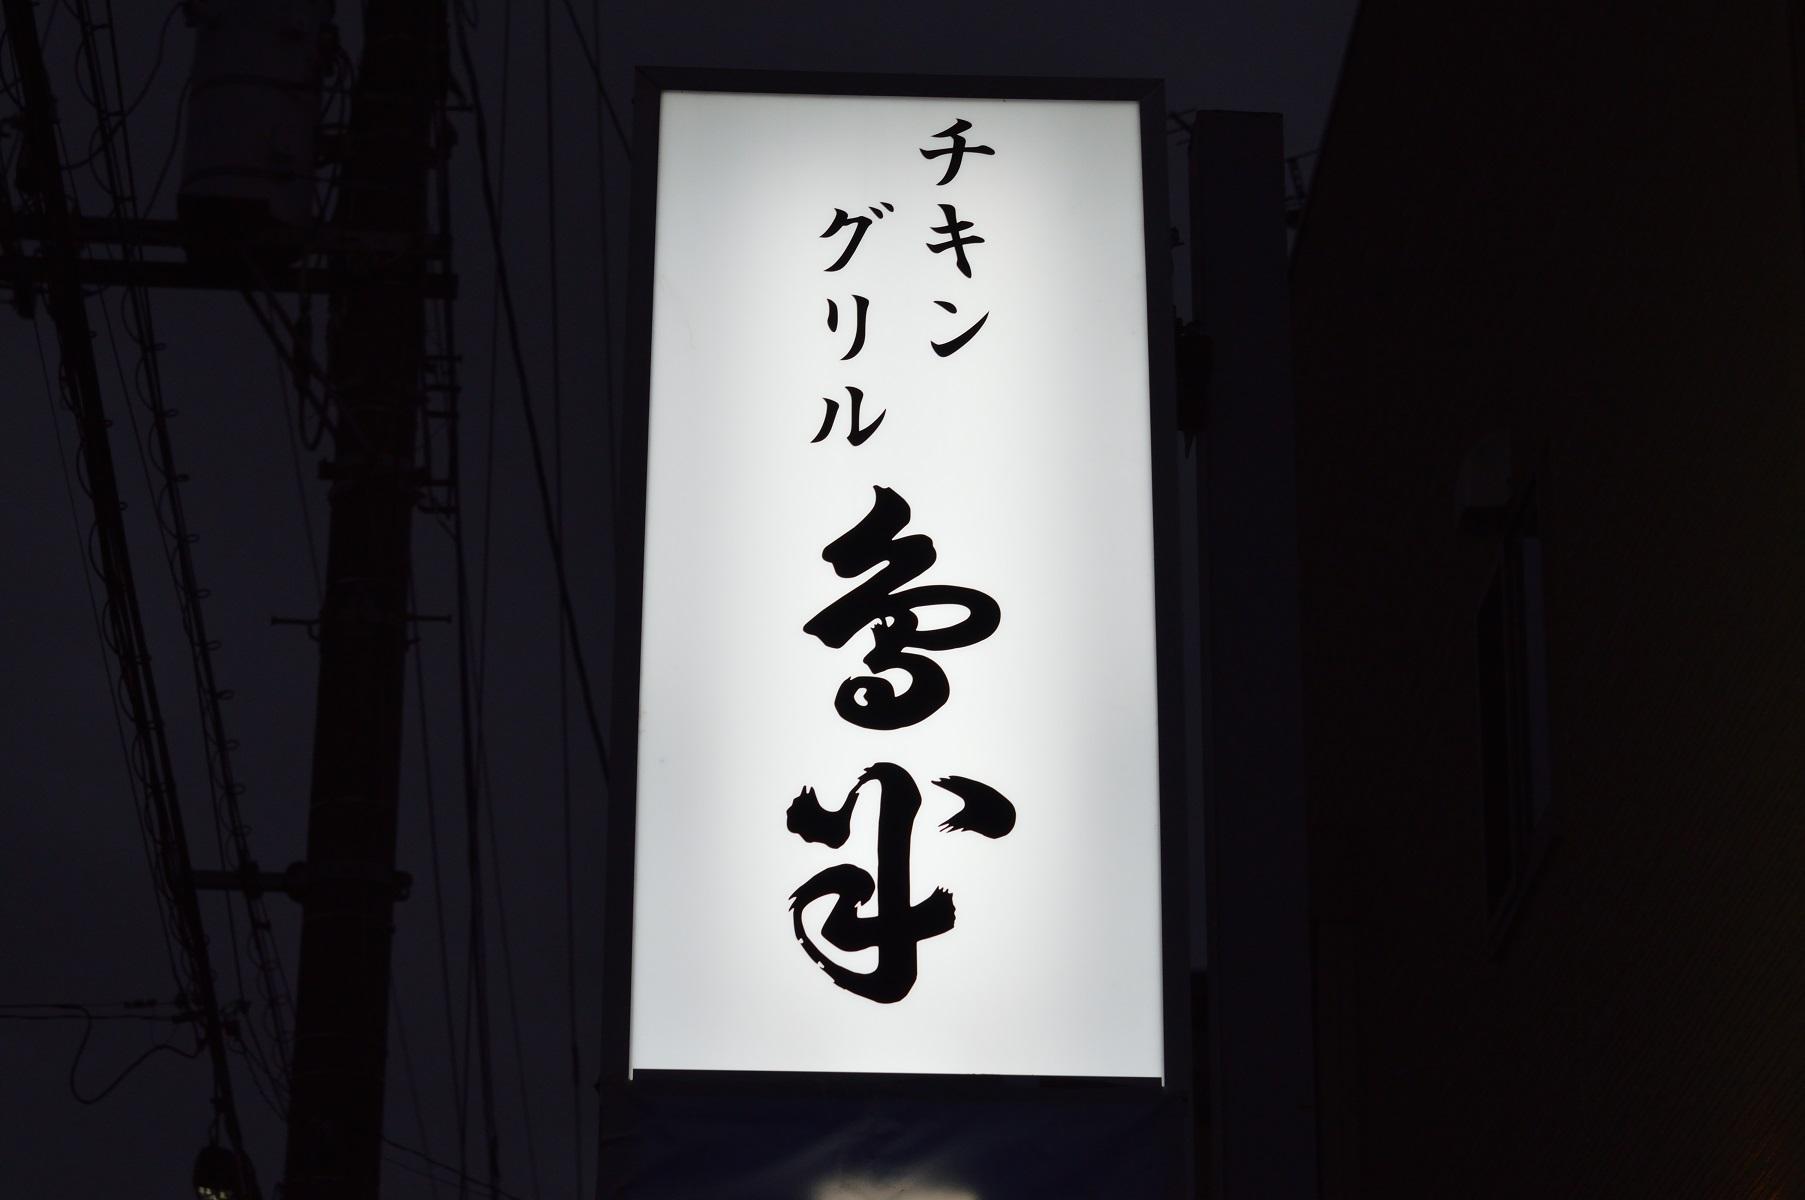 茨城県水戸市 鳥半 夜 外観 (4)